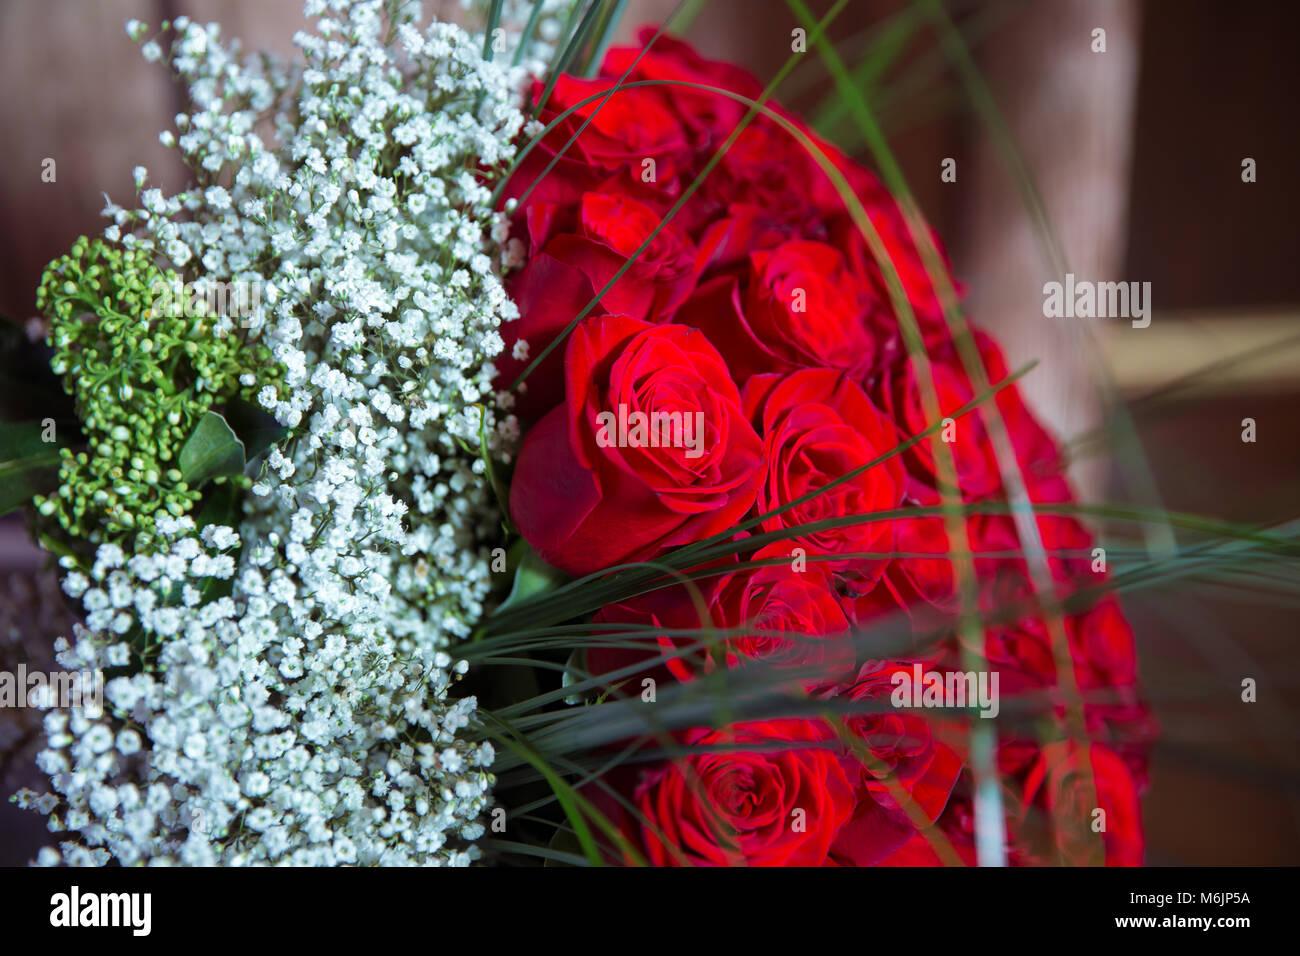 Foto Di Un Mazzo Di Fiori.Un Bouquet Di Fiori Bouquet Di Un Centinaio Di Rose Rosse Grande